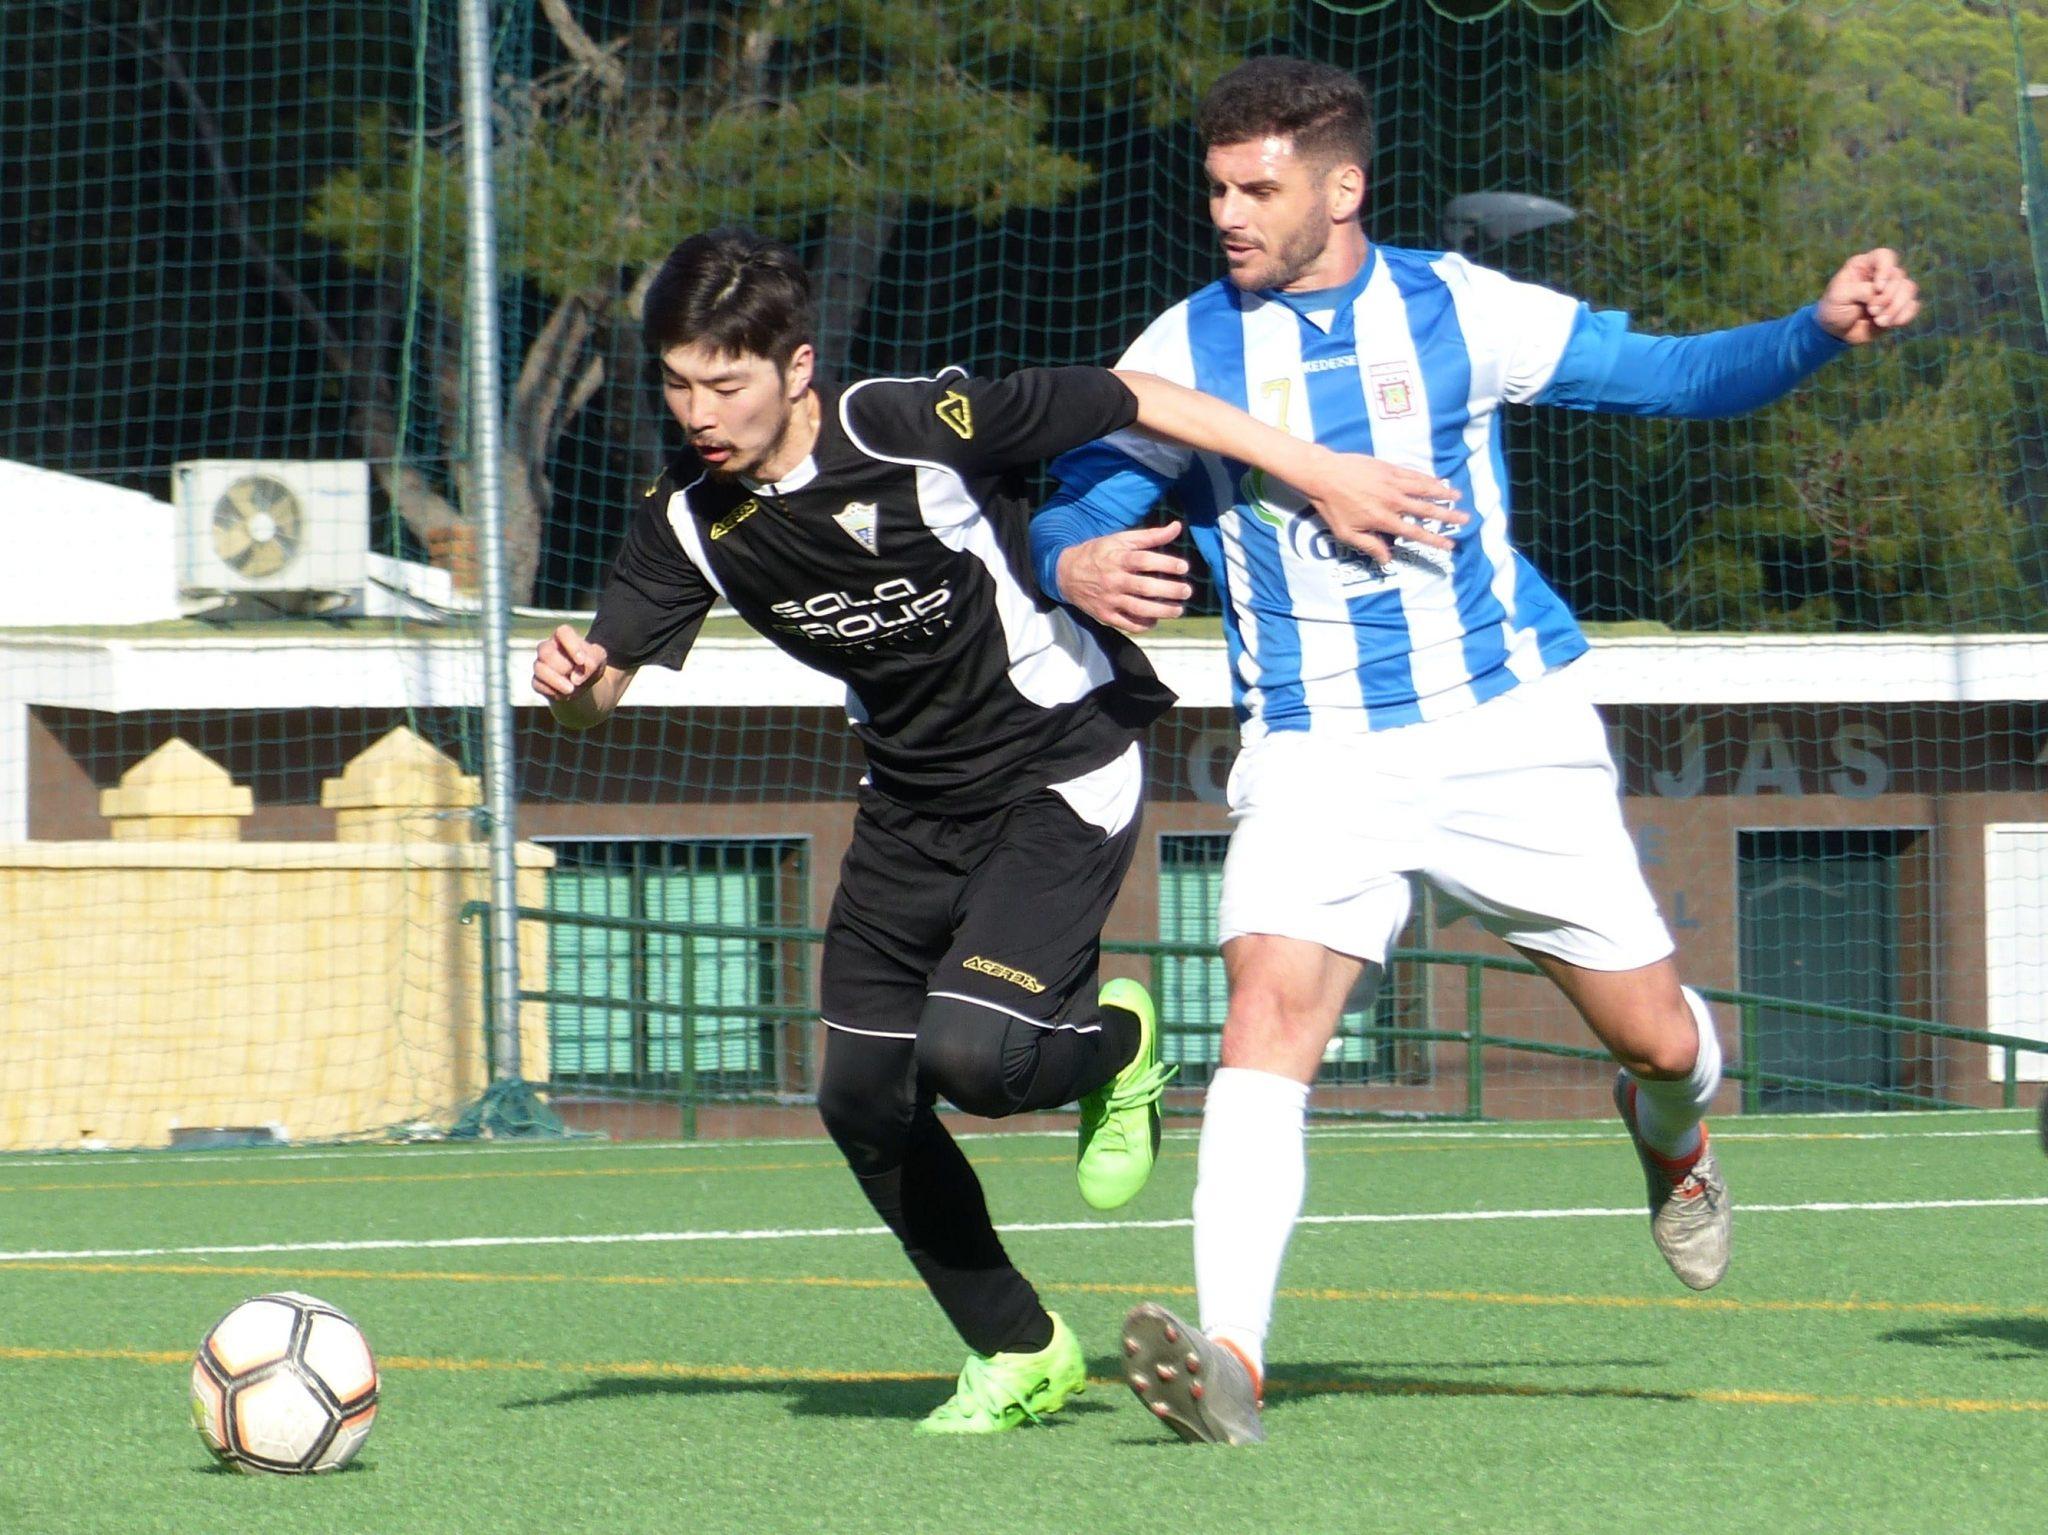 El Atlético Marbella espera salvarse con su victoria frente al C.D. Mijas (0-2)